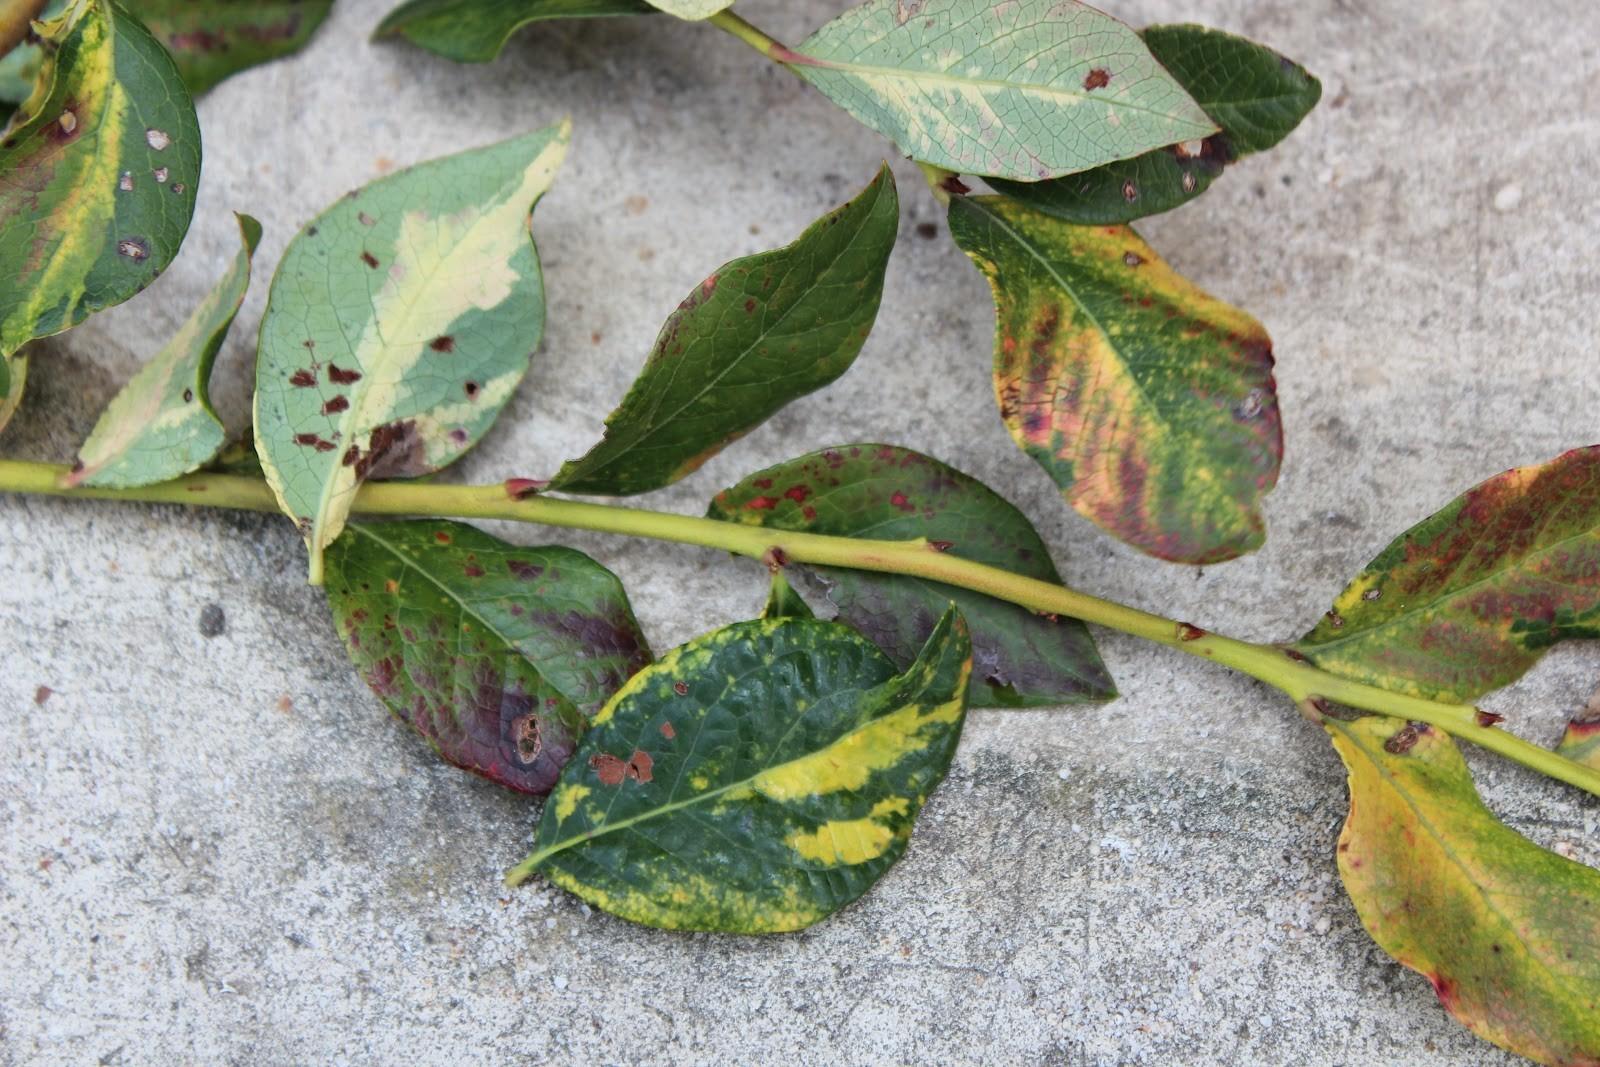 При поражении вирусов мозаики листья покрываются пятнами